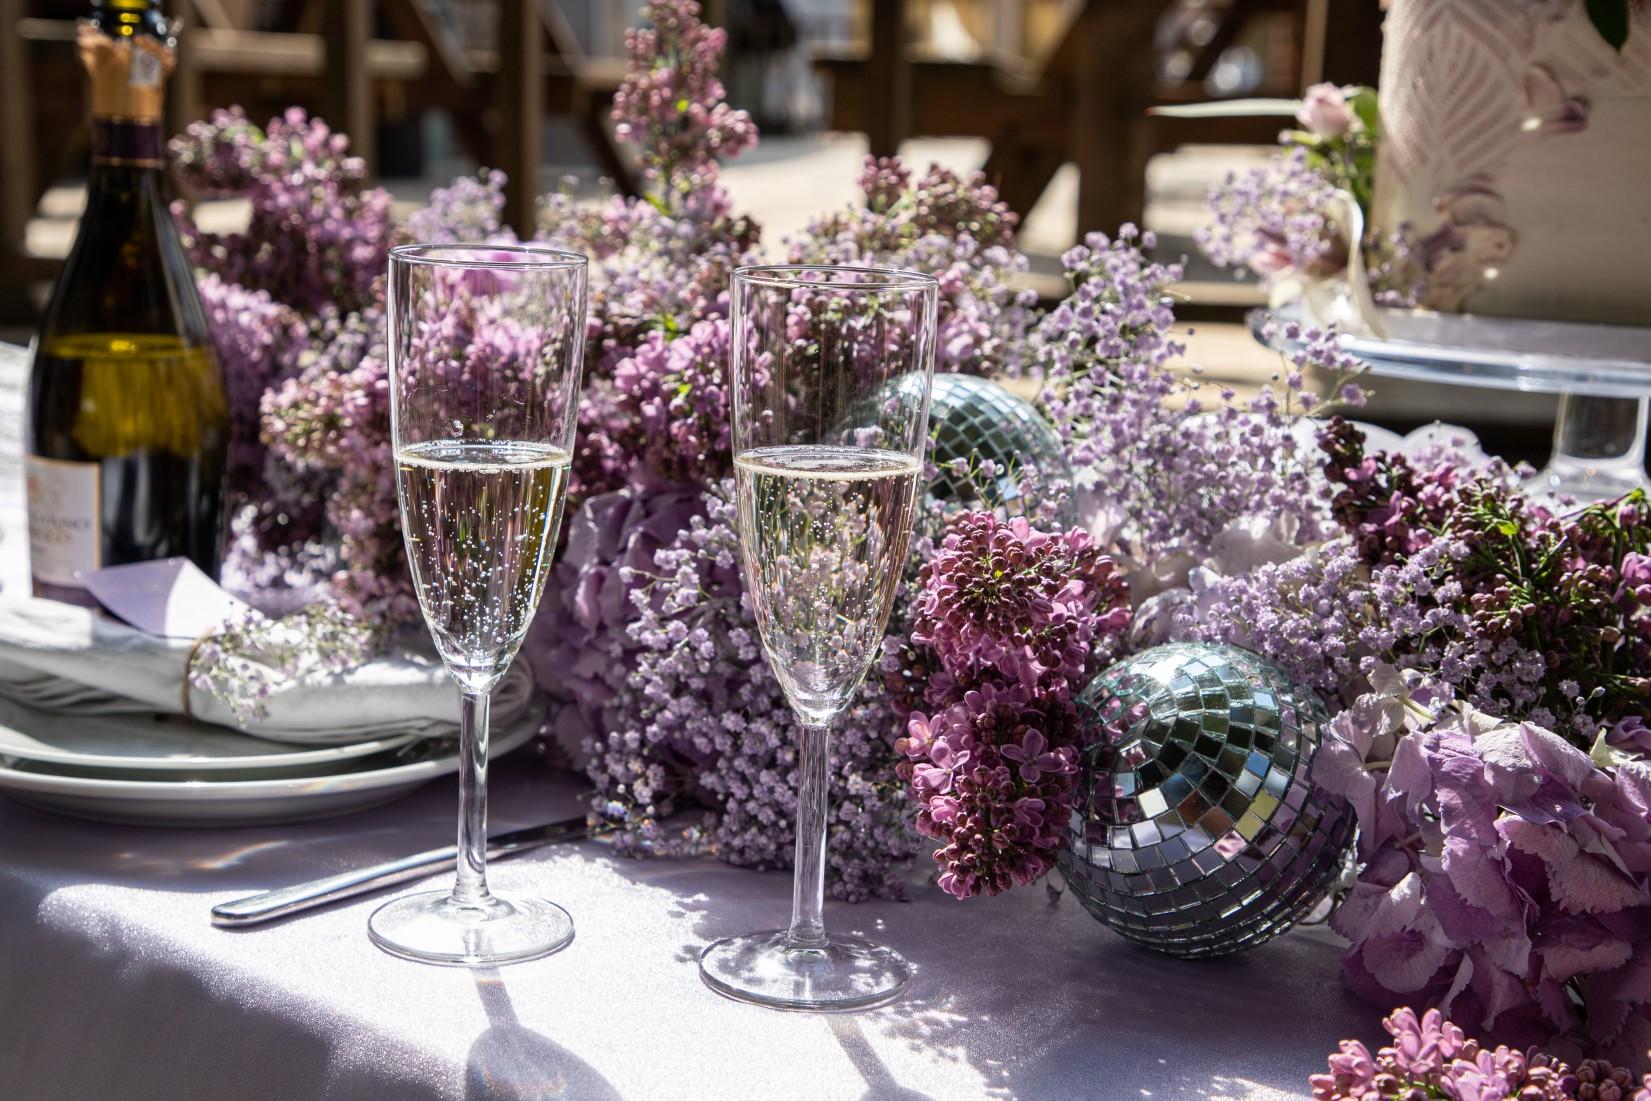 modern festival wedding - unique wedding wear - wedding jumpsuit - wedding catsuit - festival bride - unique wedding wear - purple wedding flowers - disco ball wedding decor